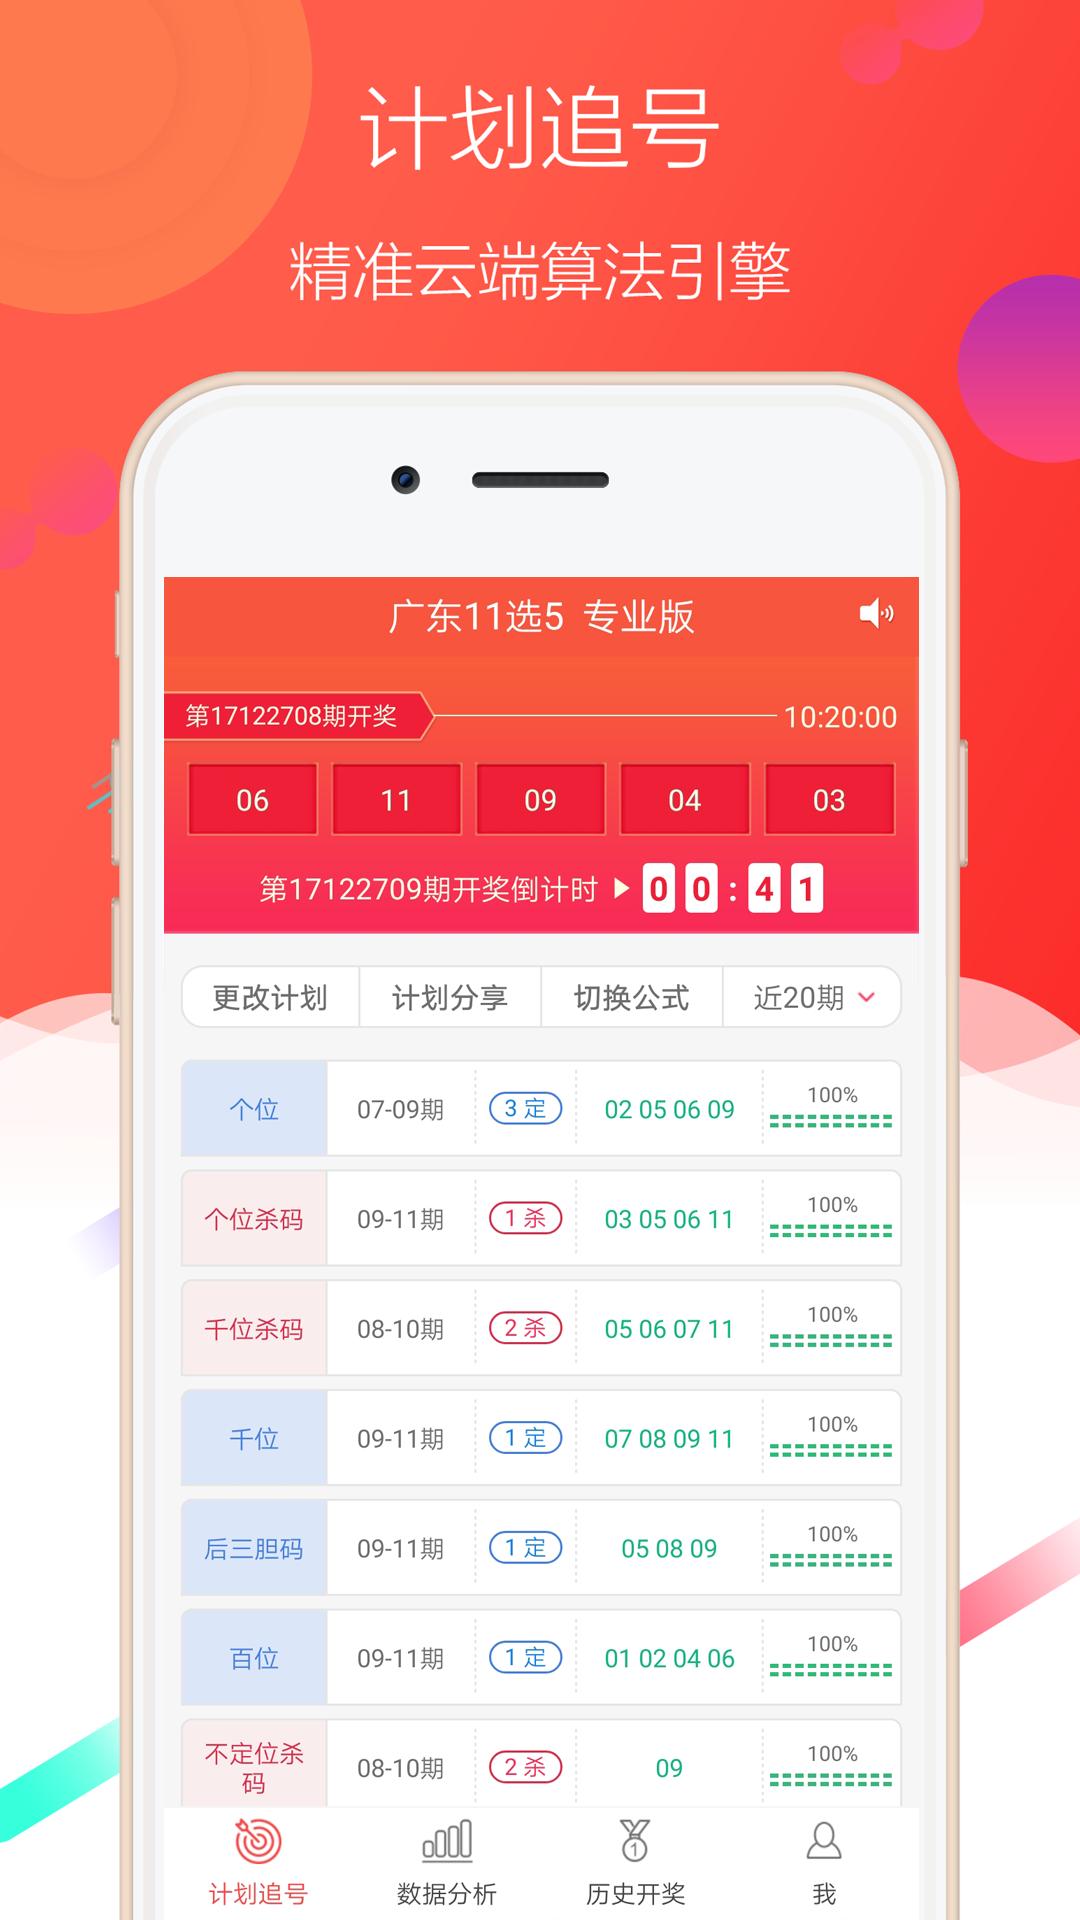 11选5赢彩王截图(1)